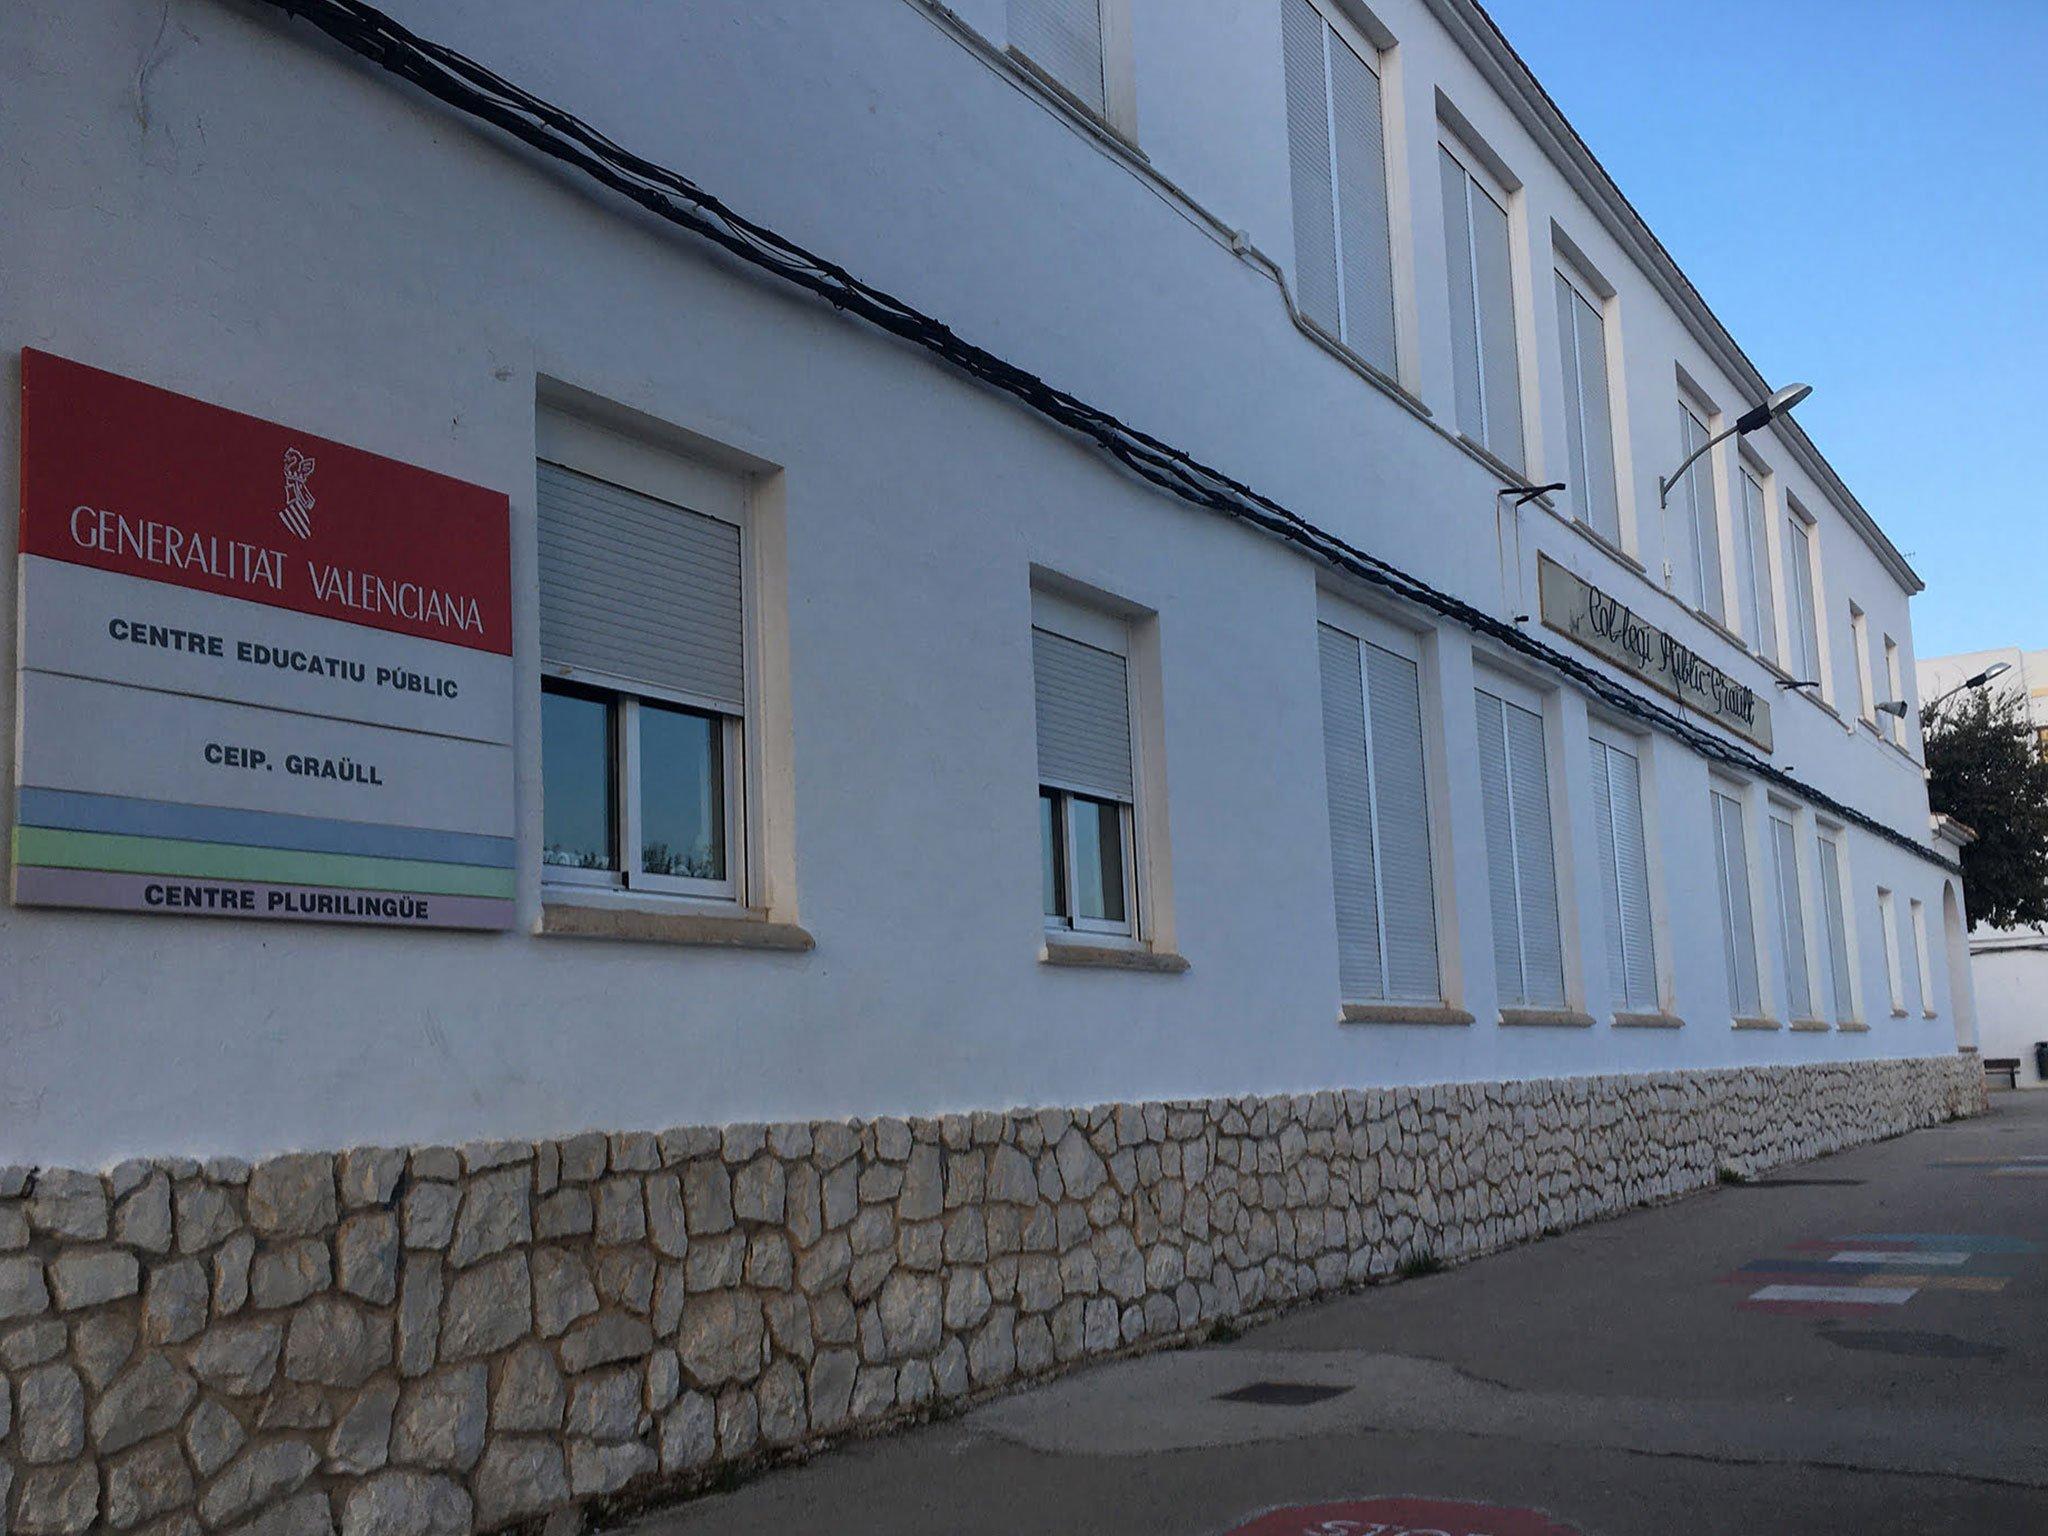 Exterior del Colegio Graüll de Jávea